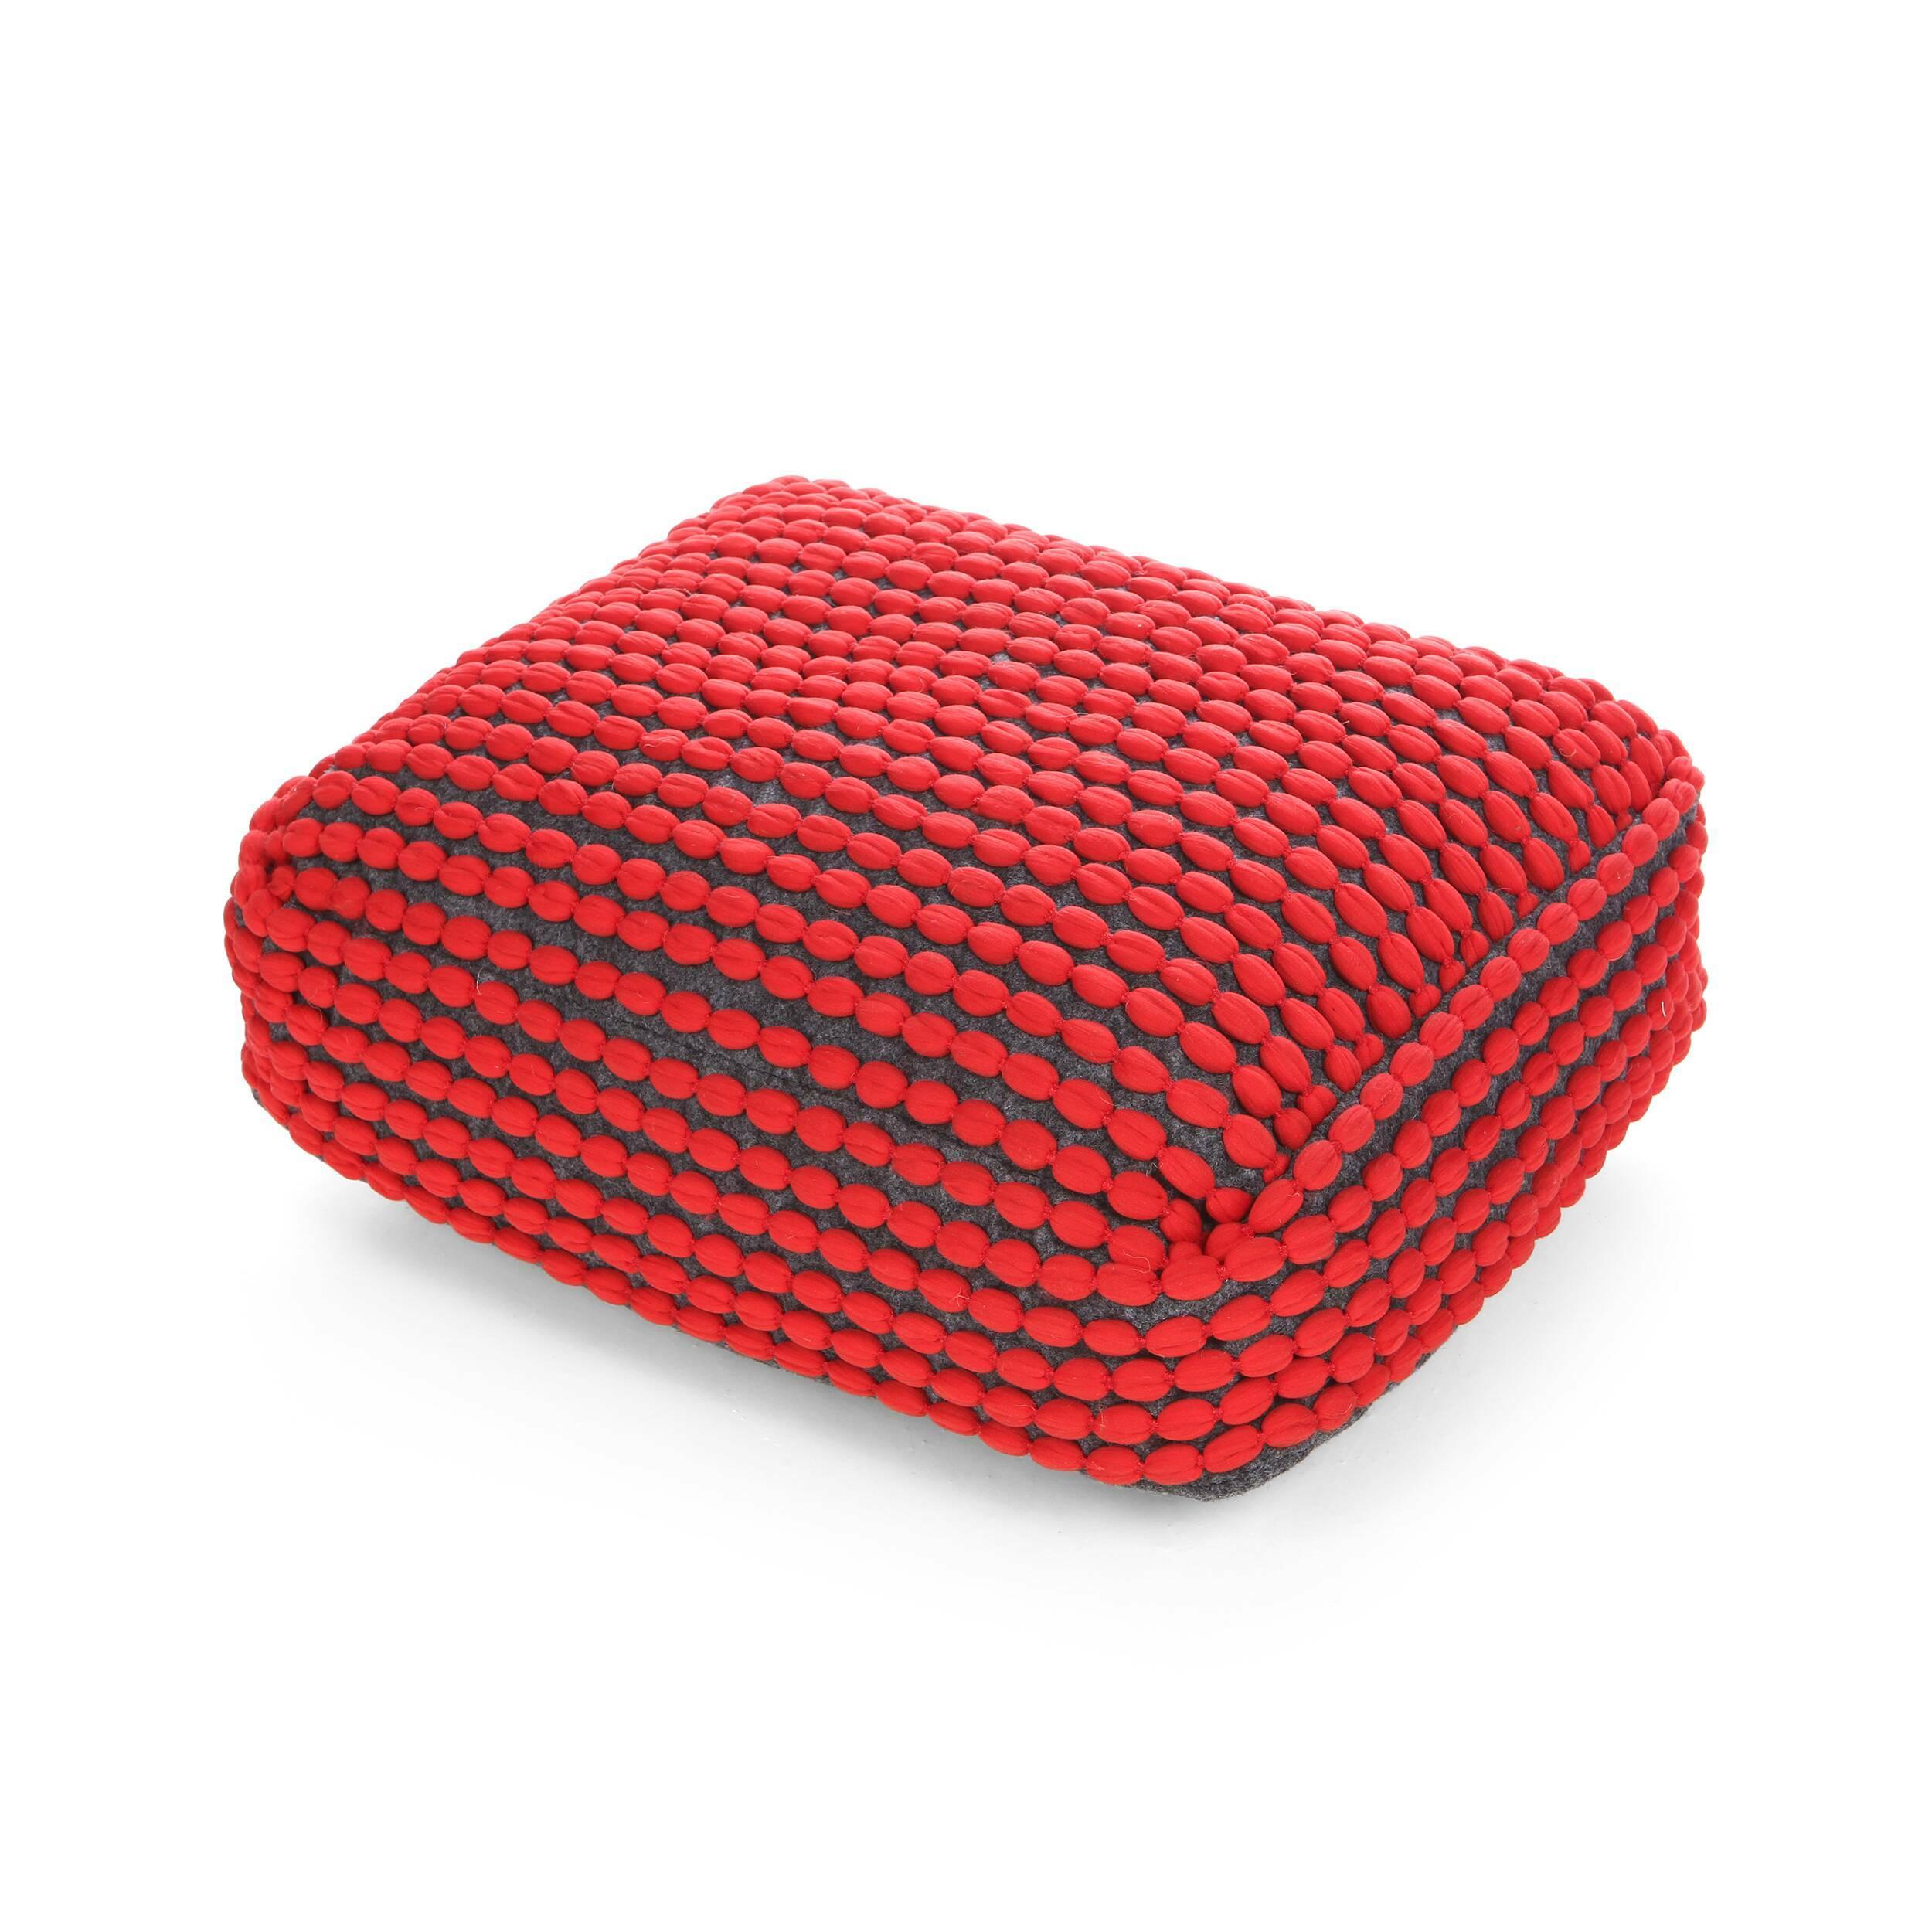 Подушка RococoДекоративные подушки<br>Дизайнерская комфортная подушка Rococo (Роккоко) из полиэстера от Cosmo (Космо).<br>Оригинальная подушка Rococo отлично подходит для декорирования гостиных в скандинавском стиле. Она вручную создана из экологичных натуральных материалов, приятных на ощупь. Для своих покупателей компания Cosmo предлагает широкий спектр цветовых вариантов, которые помогут разнообразить любой современный интерьер. Сочные цвета в сочетании с мягкостью изделия угодят любому! <br><br>Данную модель можно использовать в ка...<br><br>stock: 14<br>Высота: 15<br>Ширина: 45<br>Материал: Полиэстер<br>Цвет: Красный<br>Длина: 60<br>Состав основы: Полиэстер<br>Тип производства: Ручное производство